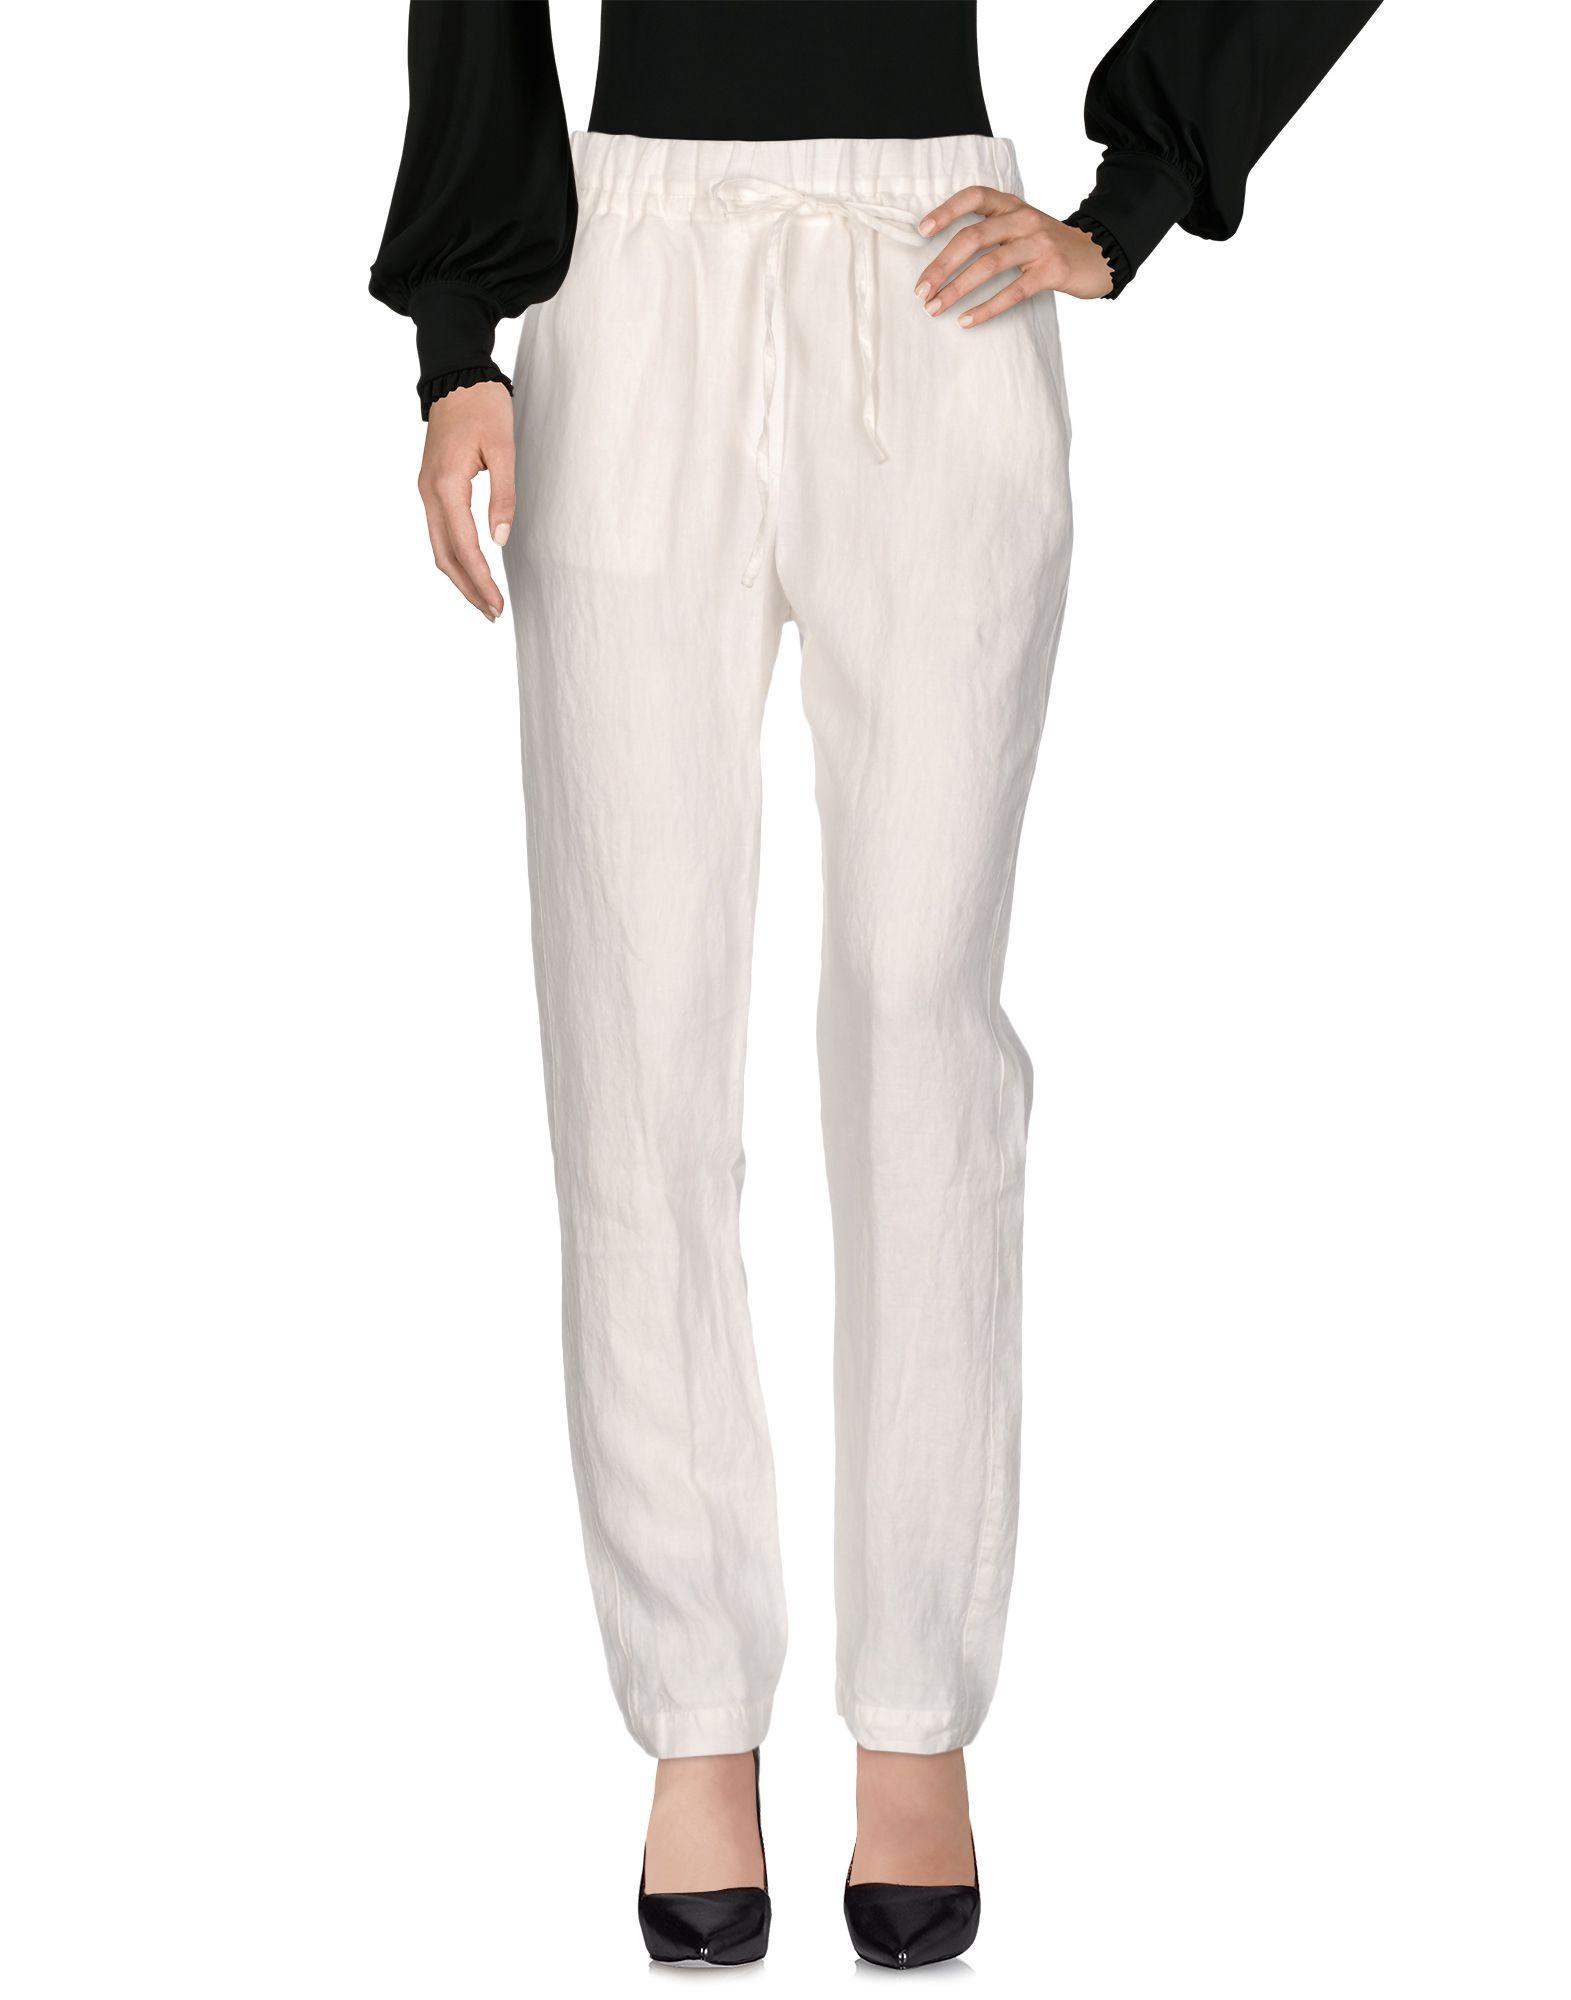 INCOTEX Damen Hose Farbe Weiß Größe 4 - broschei